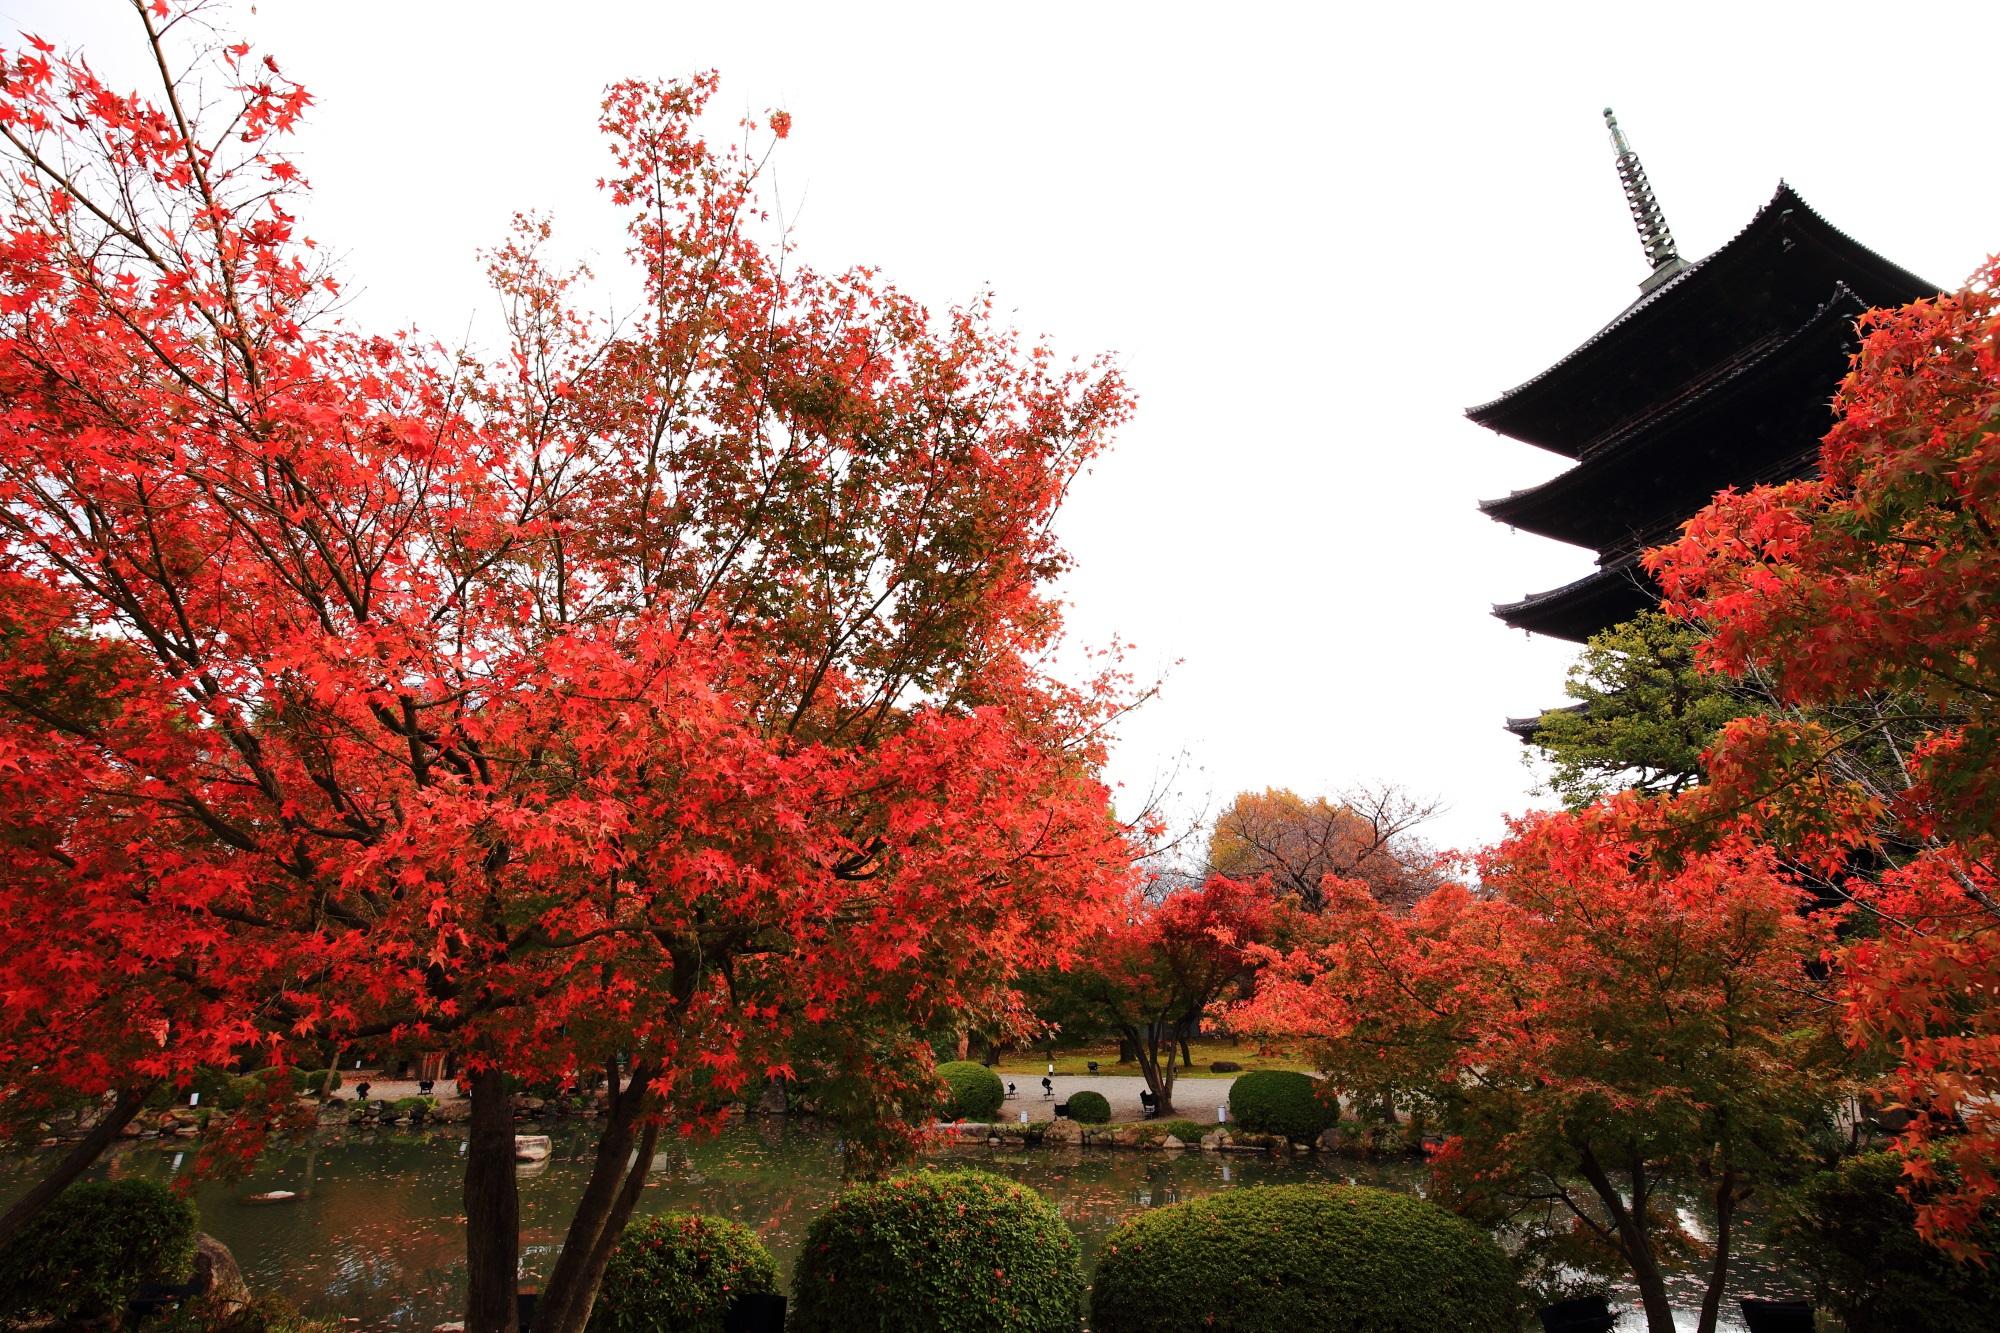 東寺(とうじ)の五重塔と瓢箪池と鮮やかな見ごろの紅葉